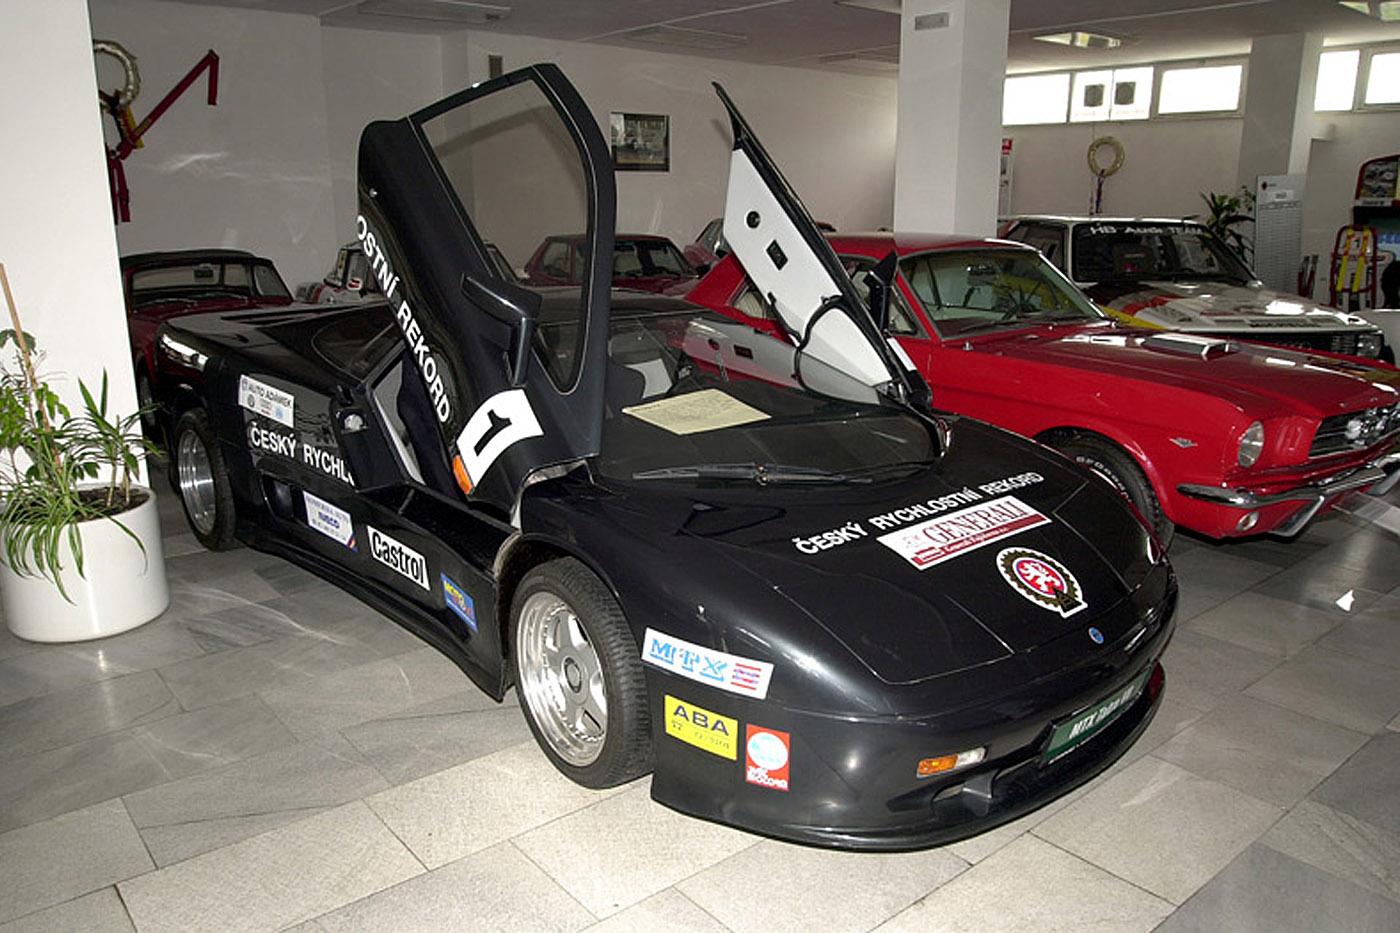 Tatra Mtx v8 Sports Car Museum Lany